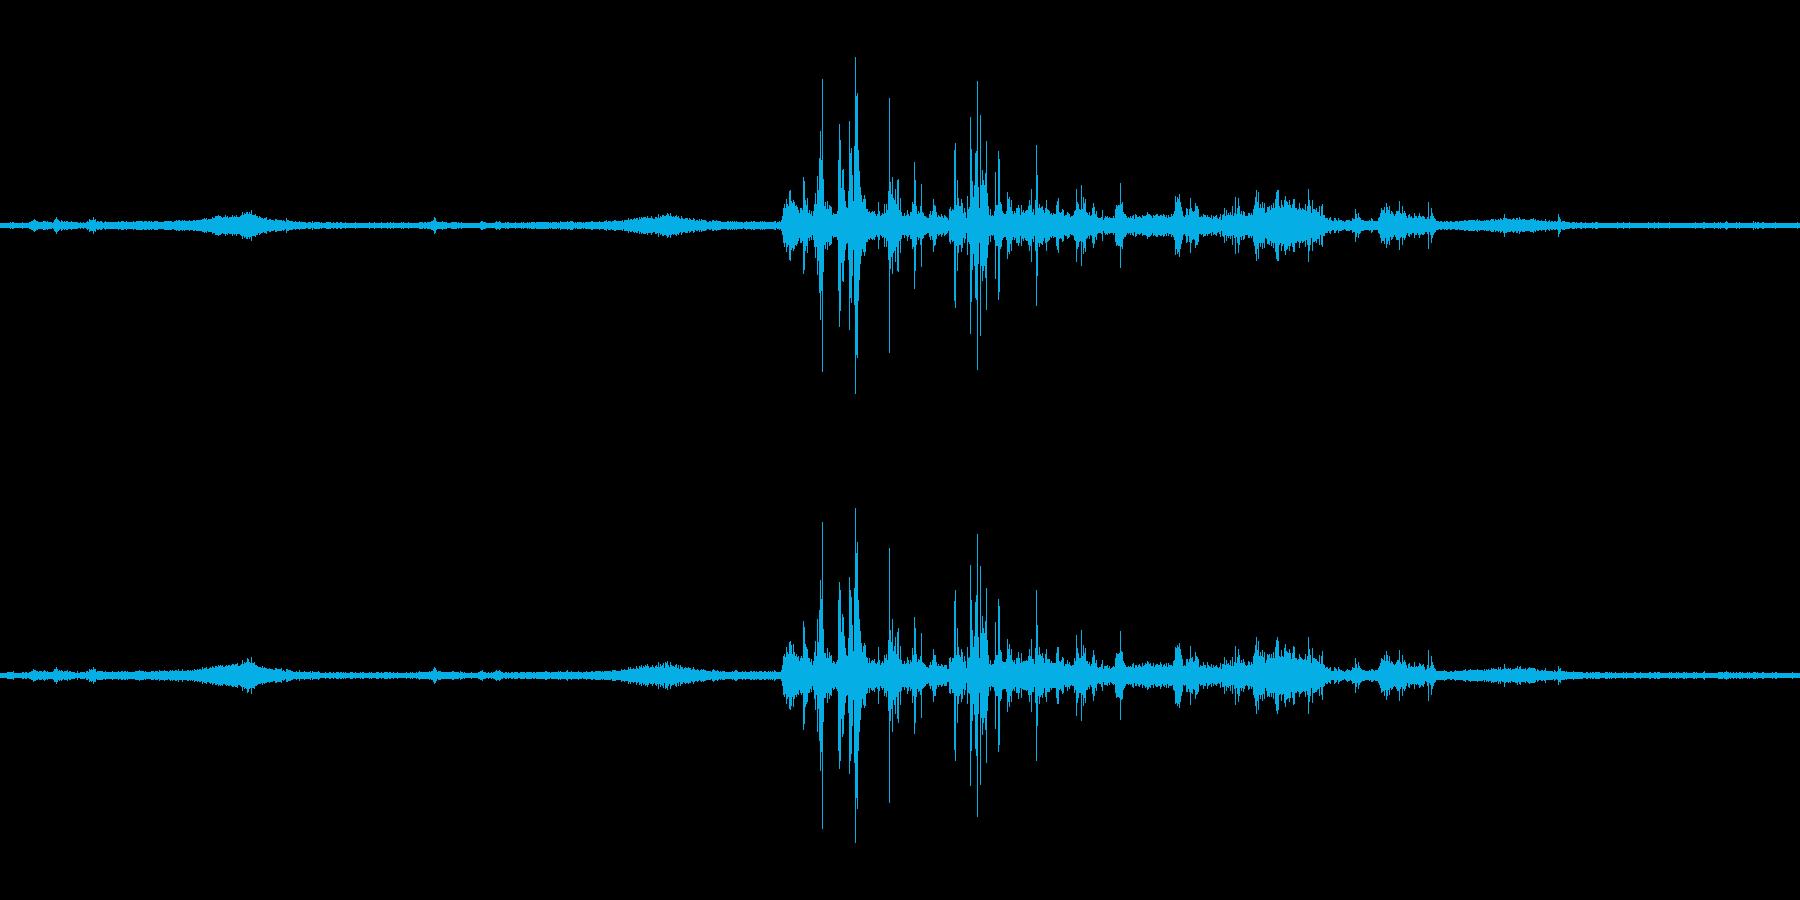 【生音】雷雨18 - 雨と雷と通行音の再生済みの波形